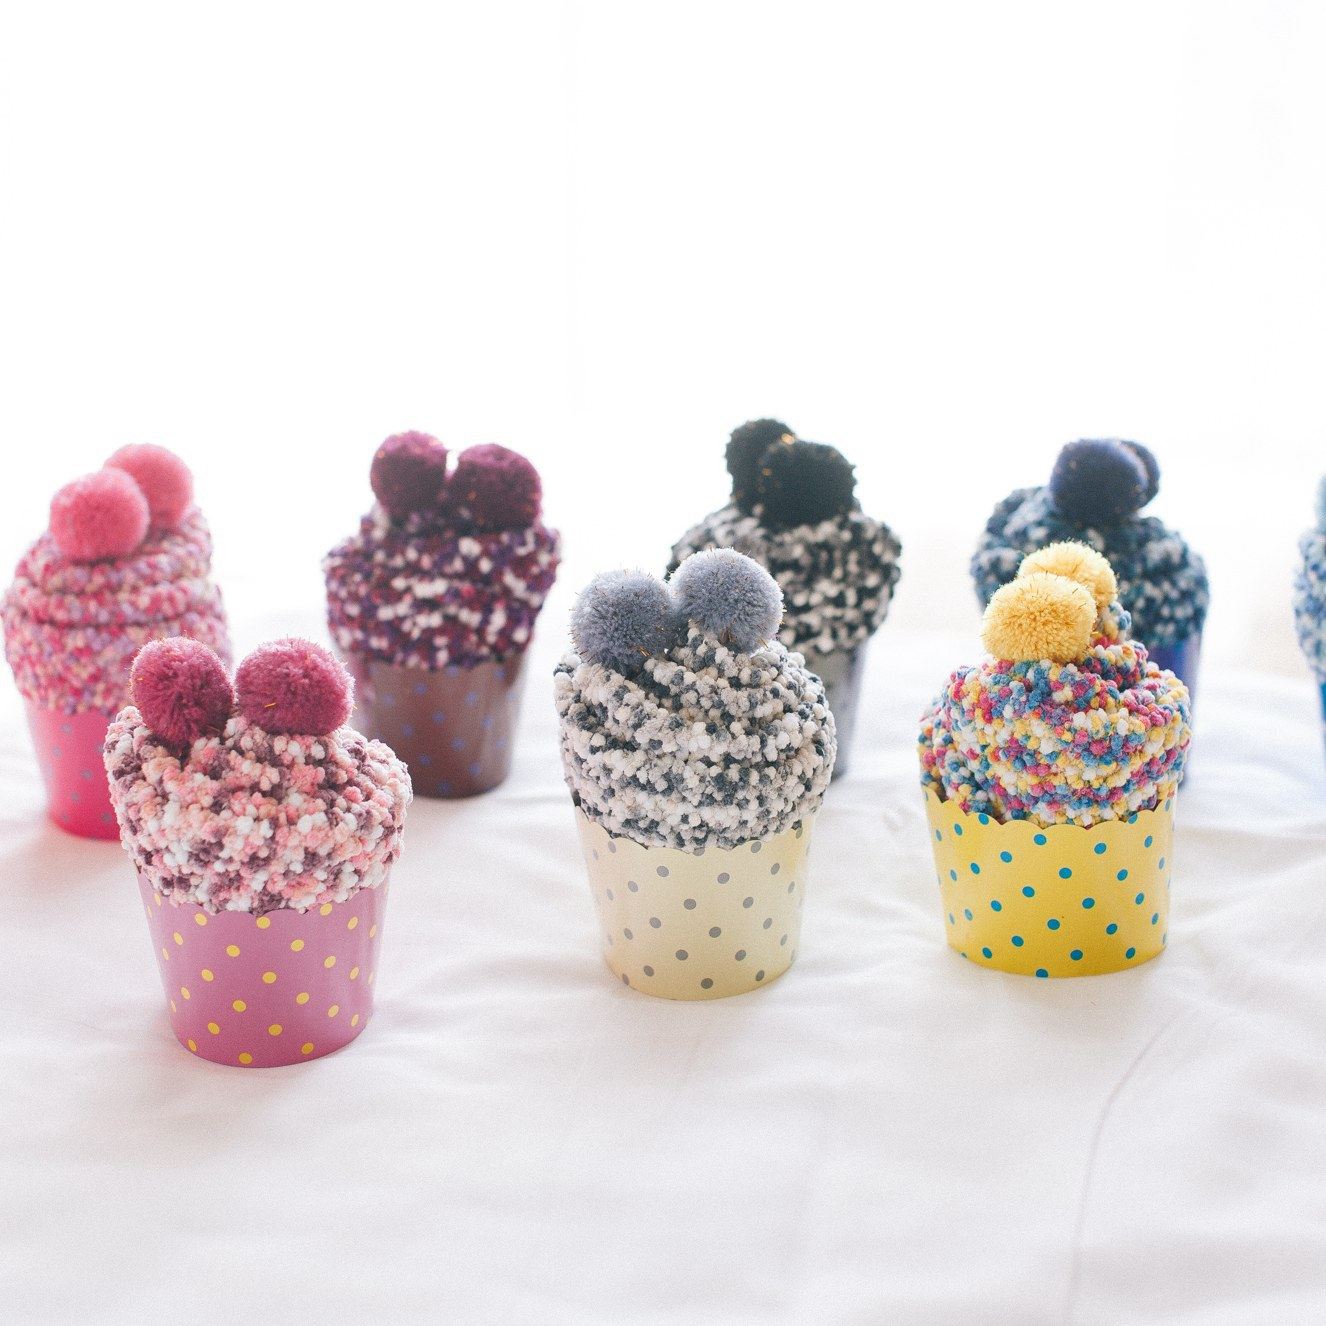 De la torta de las mujeres en calcetines de tubo burbuja coral Cachemira fabricantes japoneses Calcetines caja de regalo al por mayor